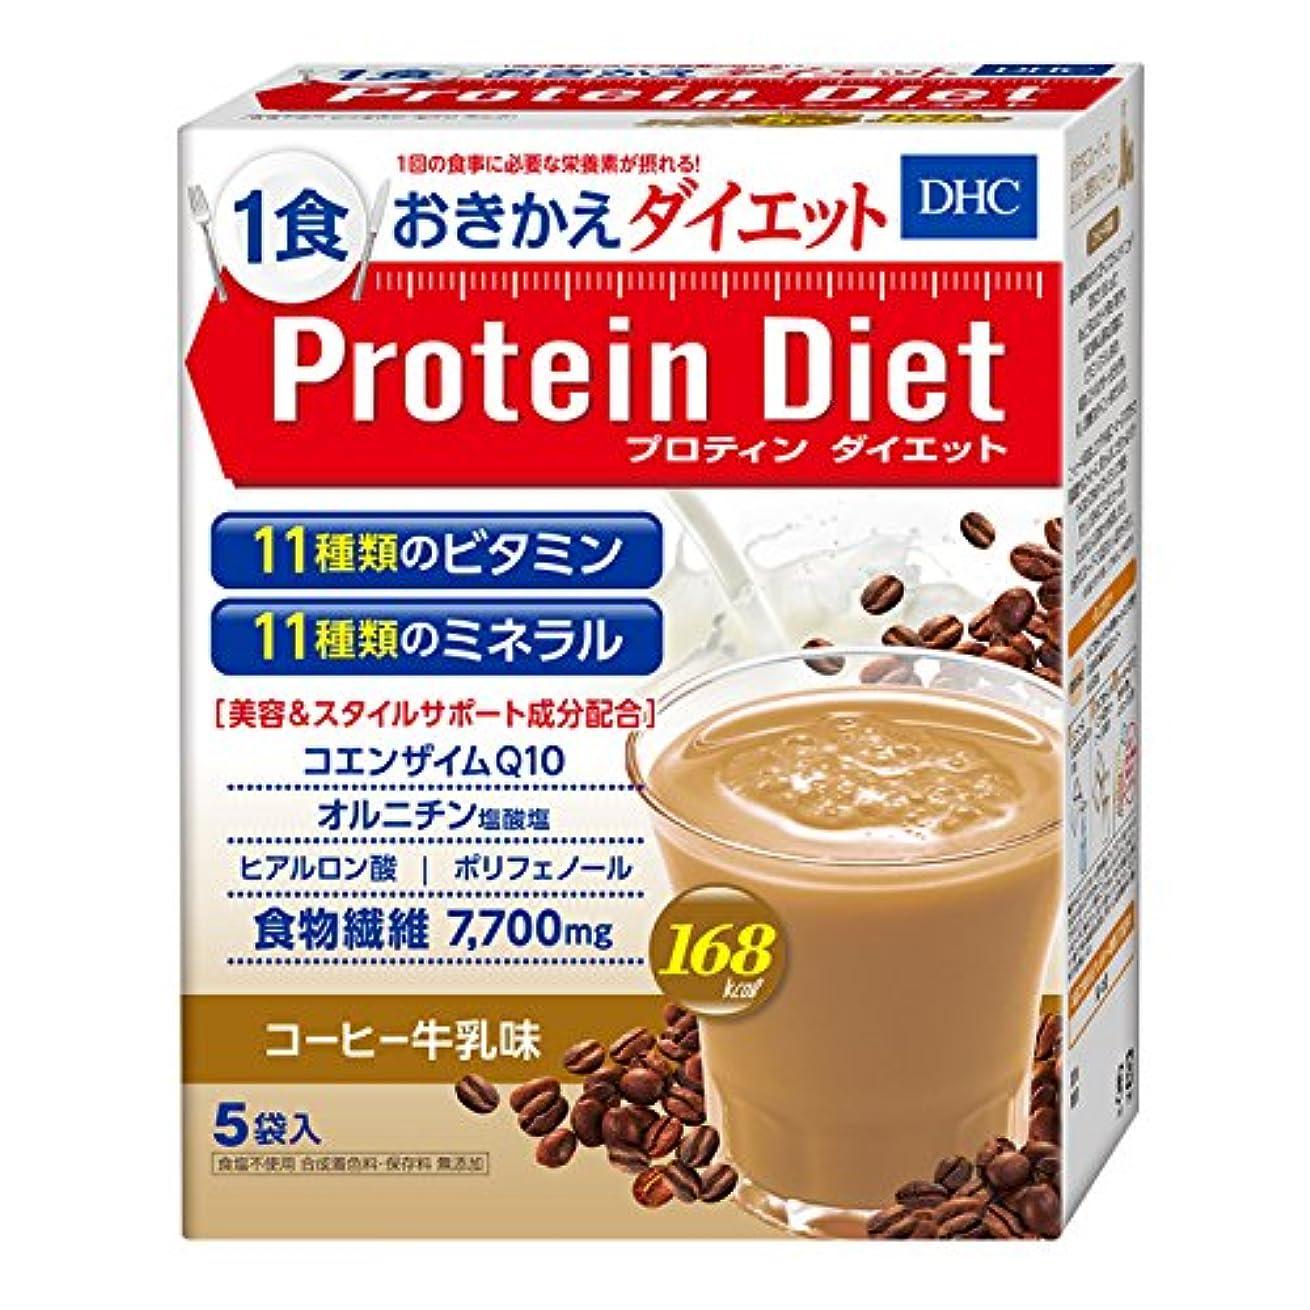 リフレッシュ憲法美容師DHCプロティンダイエット(コーヒー牛乳味)